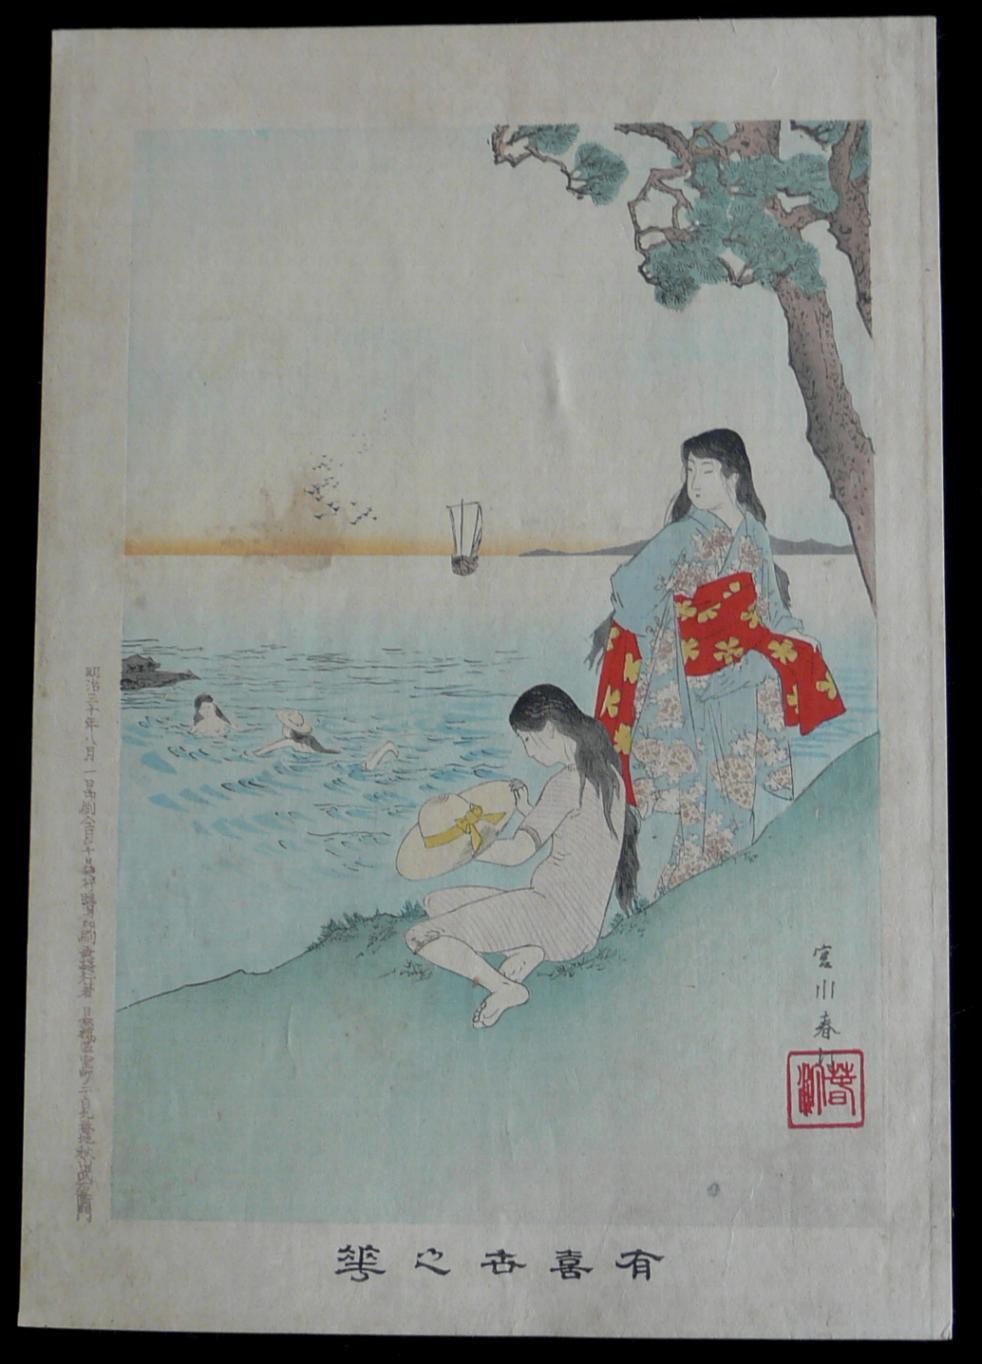 MIYAGAWA SHUNTEI: #P2103 FROM THE SERIES YUKIYO NO HANA - FLOWERS OF THE WORLD OF PLEASURE (1897)